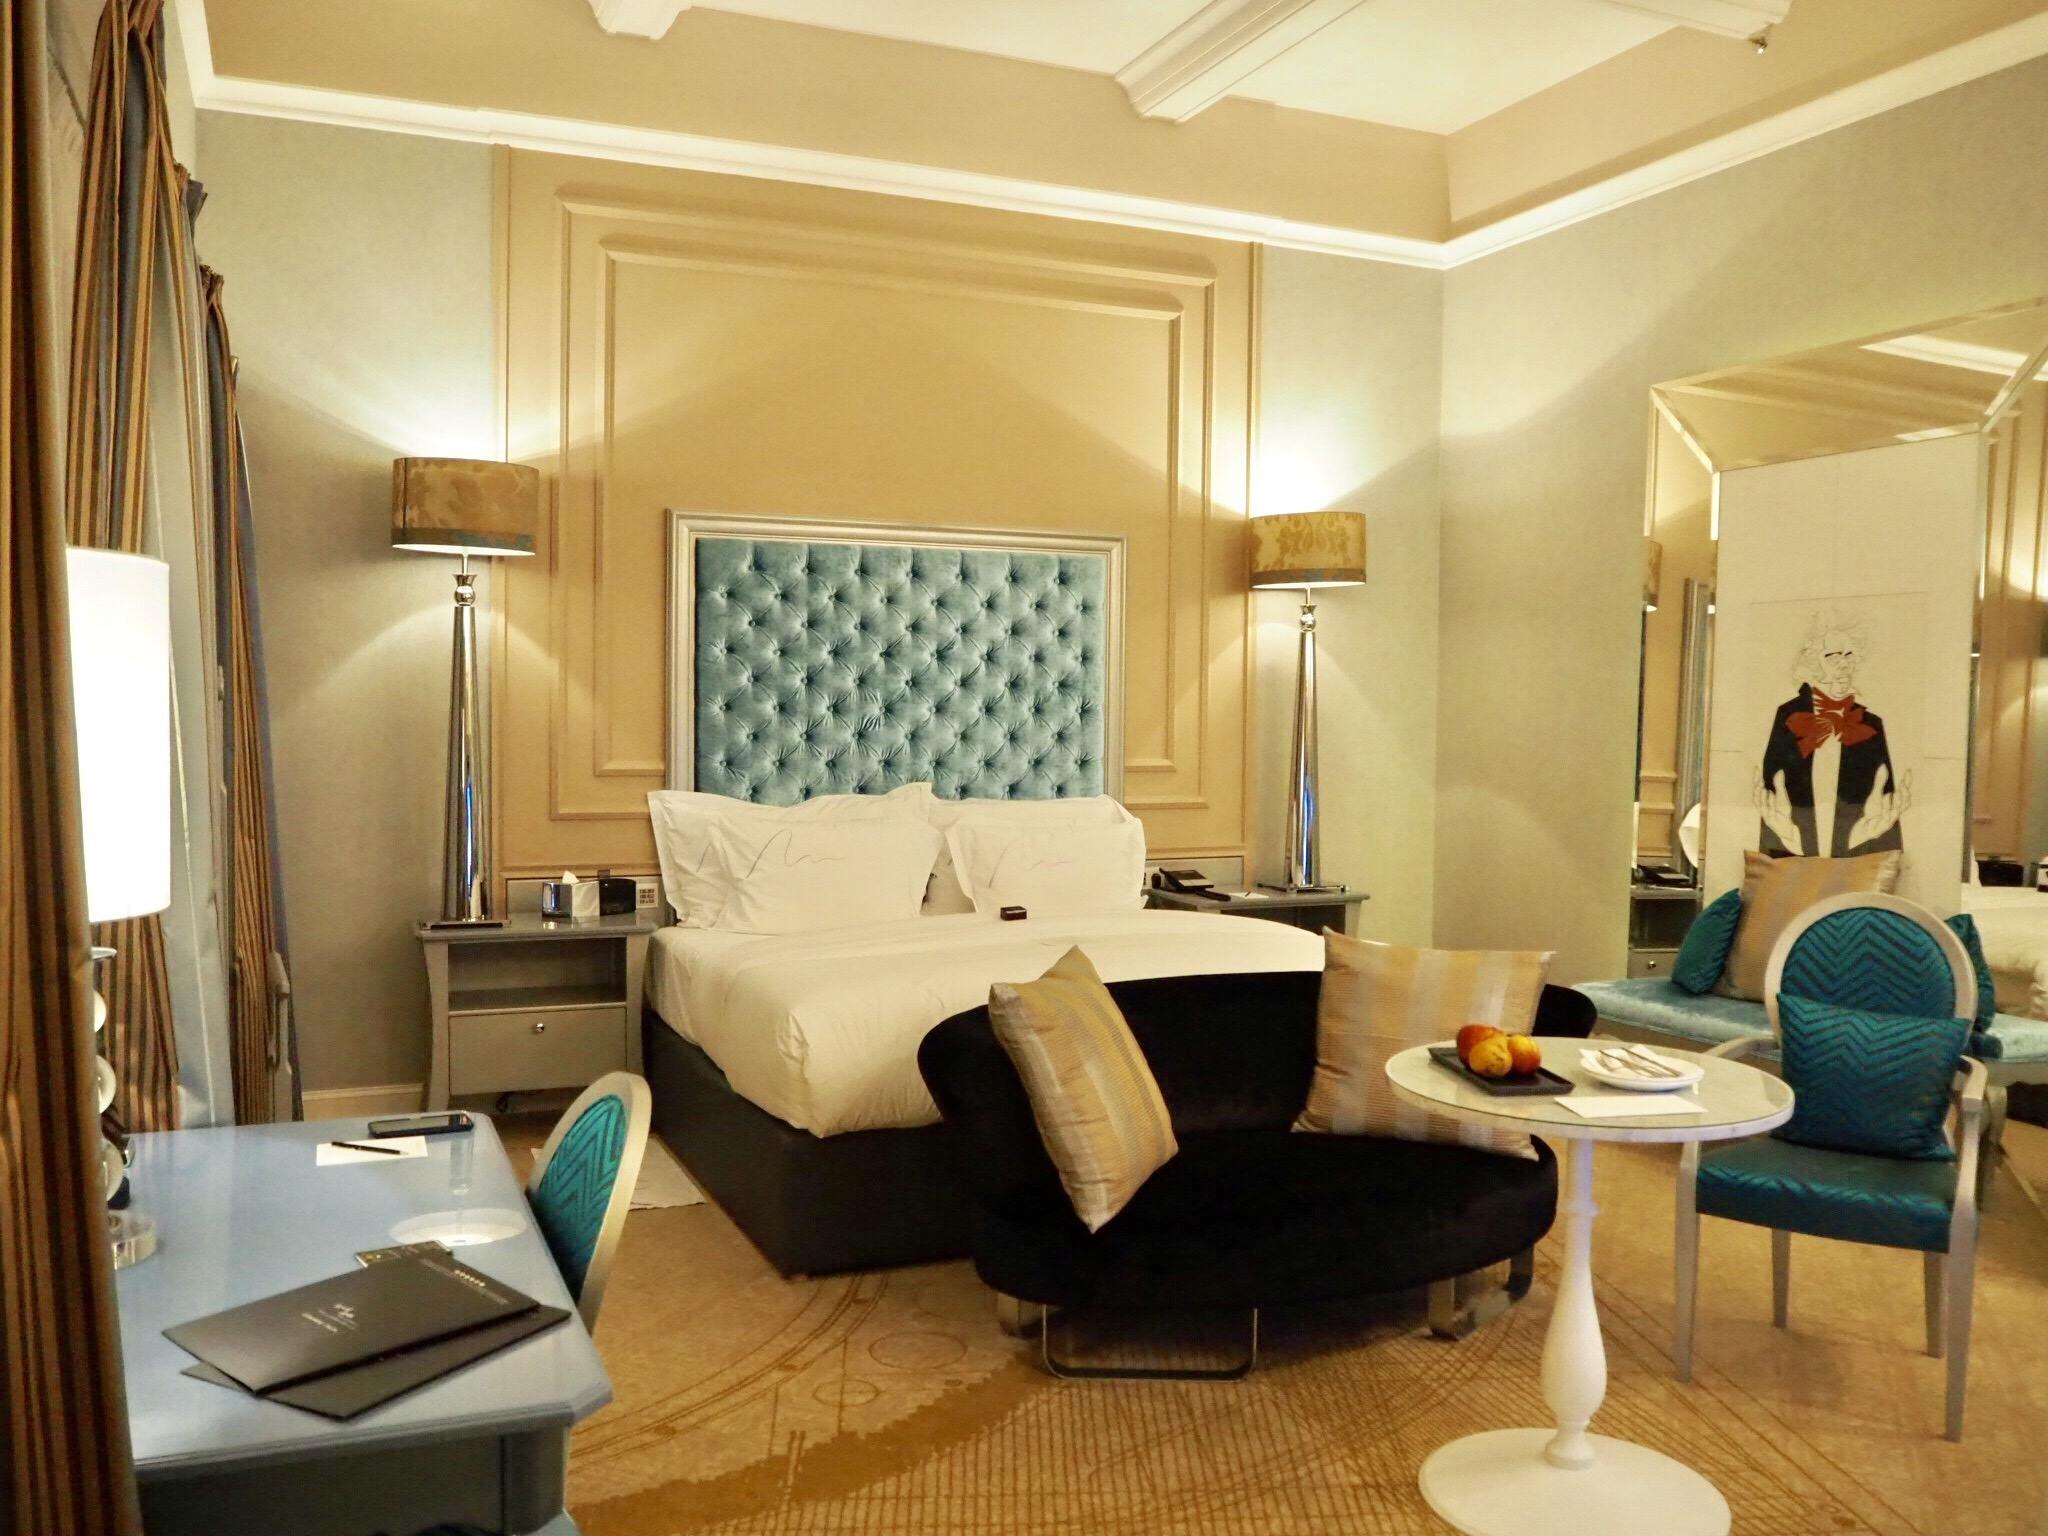 img 4463 - Aria Hotel Budapest - 音楽に囲まれて過ごすブダペストのラグジュアリーブティックホテルの魅力